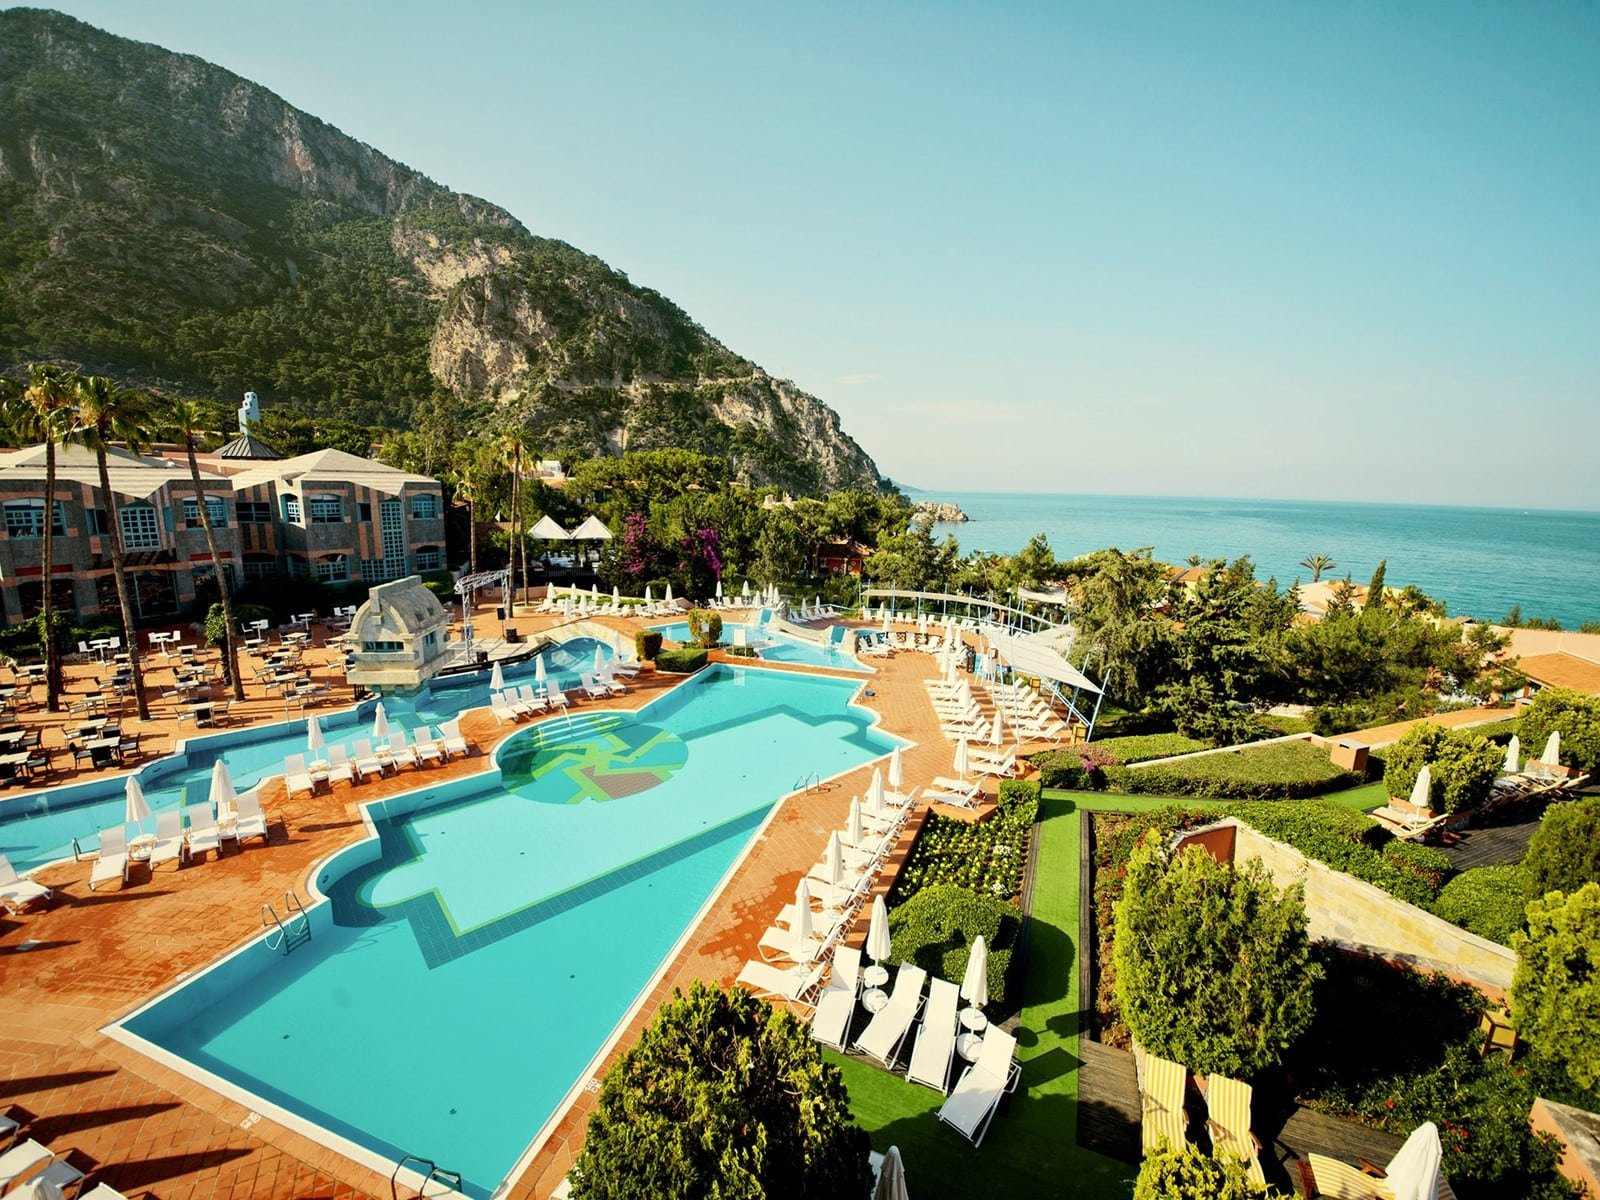 Лучшие отели для отдыха с детьми в Турции